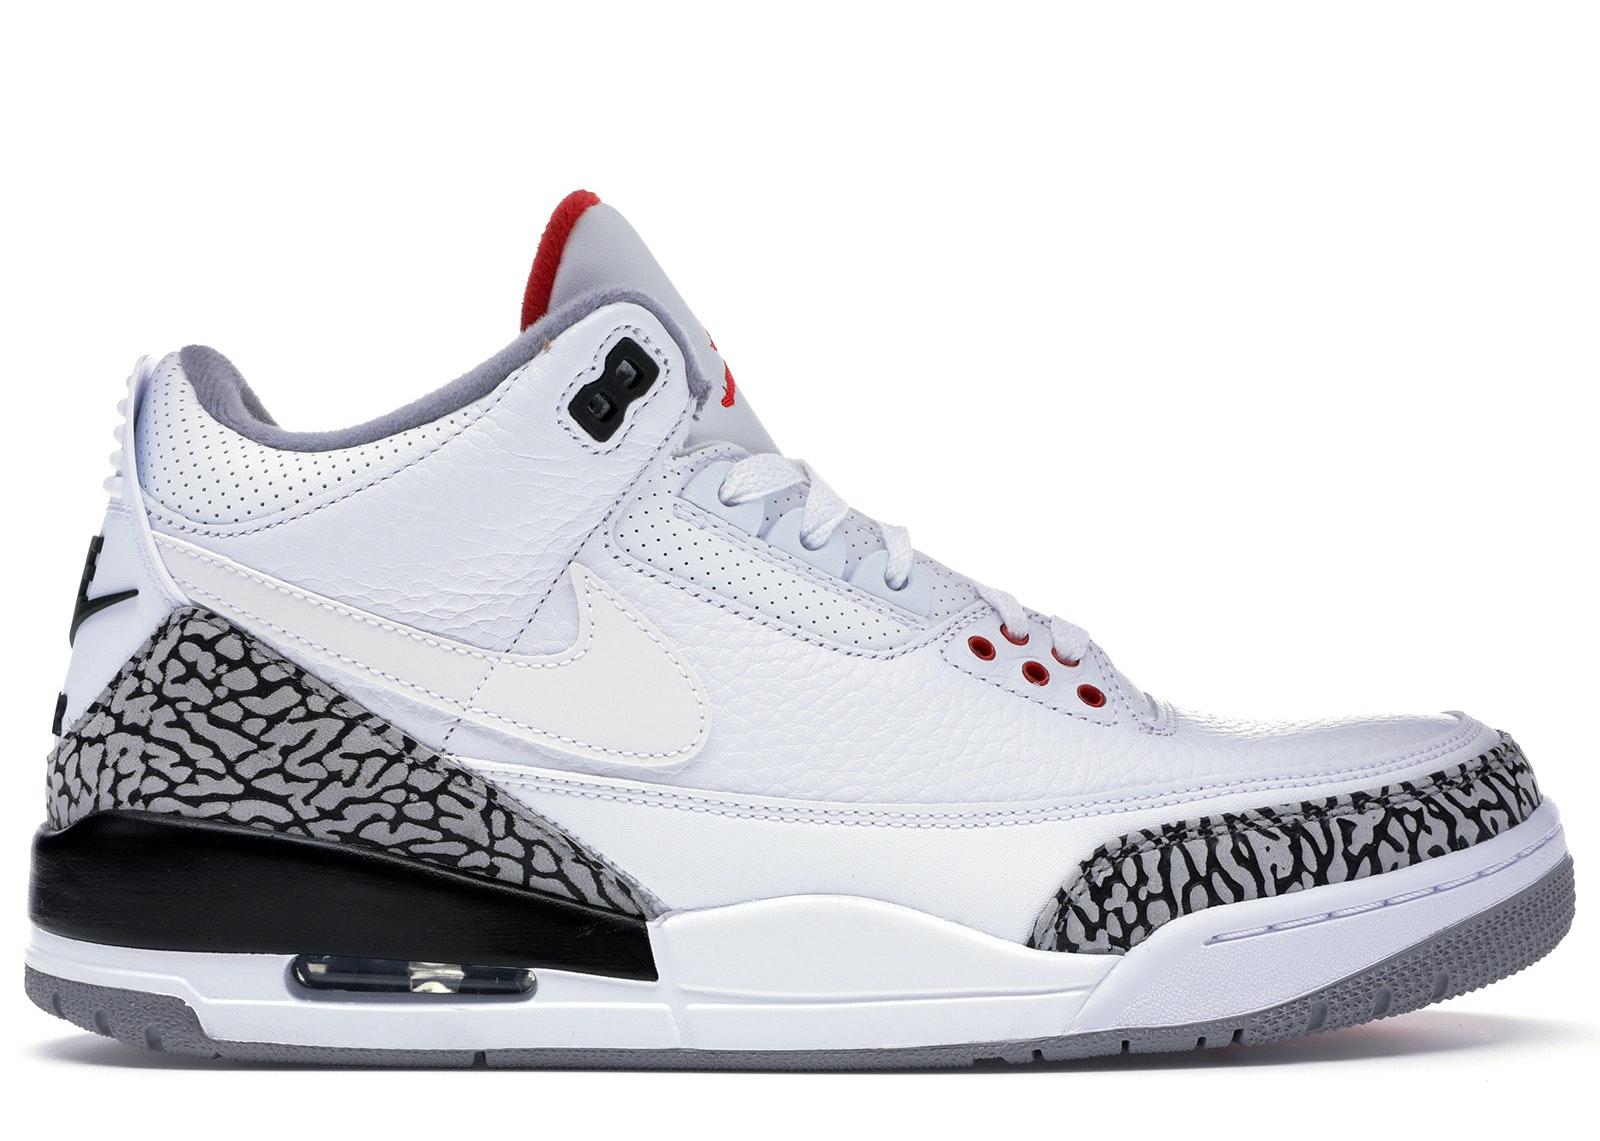 Air Jordan 3 JTH Super Bowl